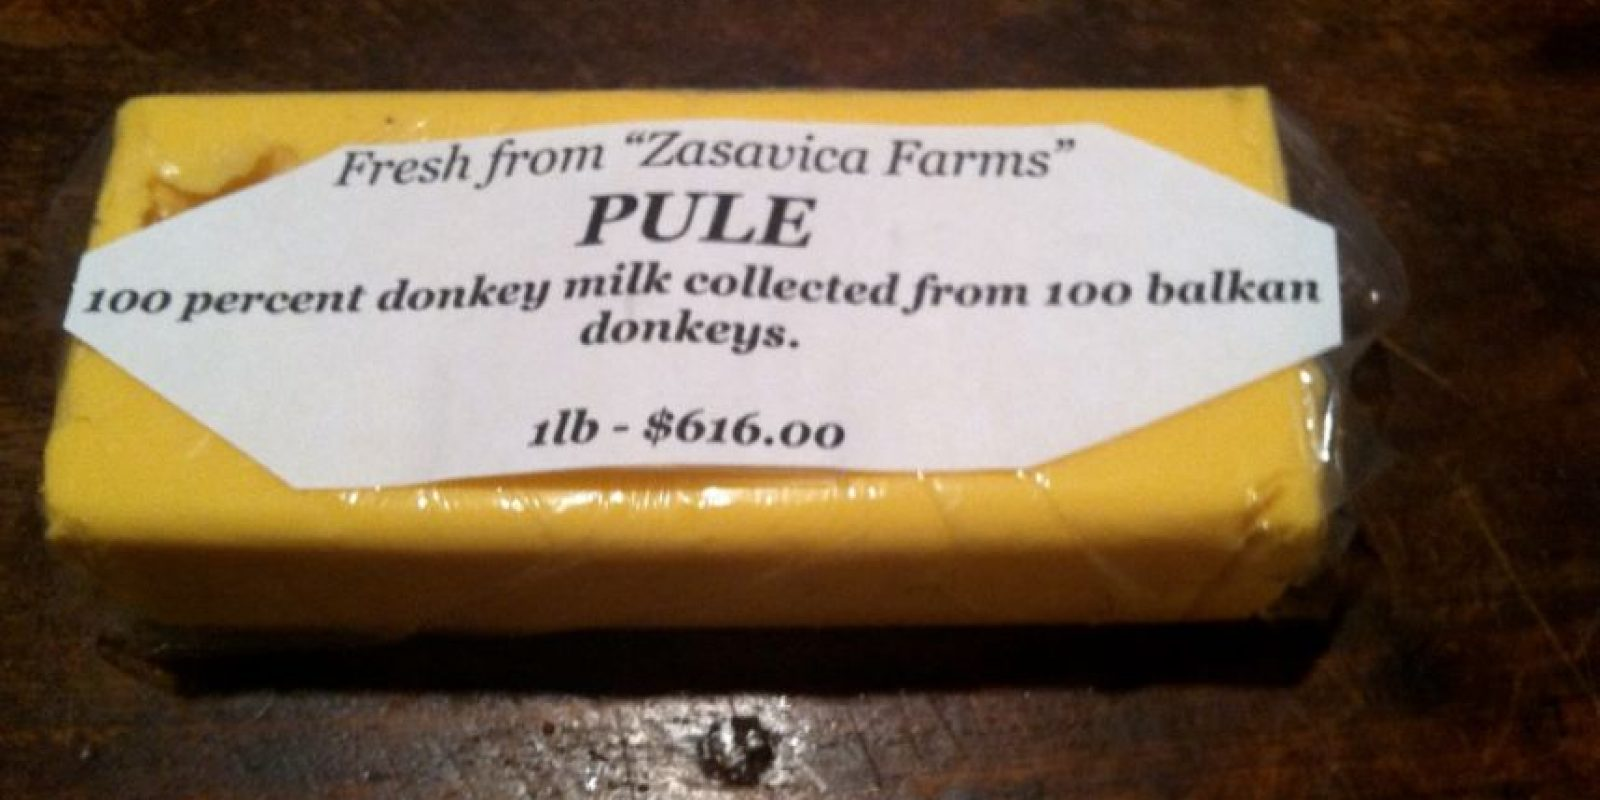 Se necesitan más de 15 burros para producir un litro de leche con el que se elabora. Por eso se debe pagar mil dólares por kilogramo Foto:Vía dingdongsandpolyester.wordpress.com